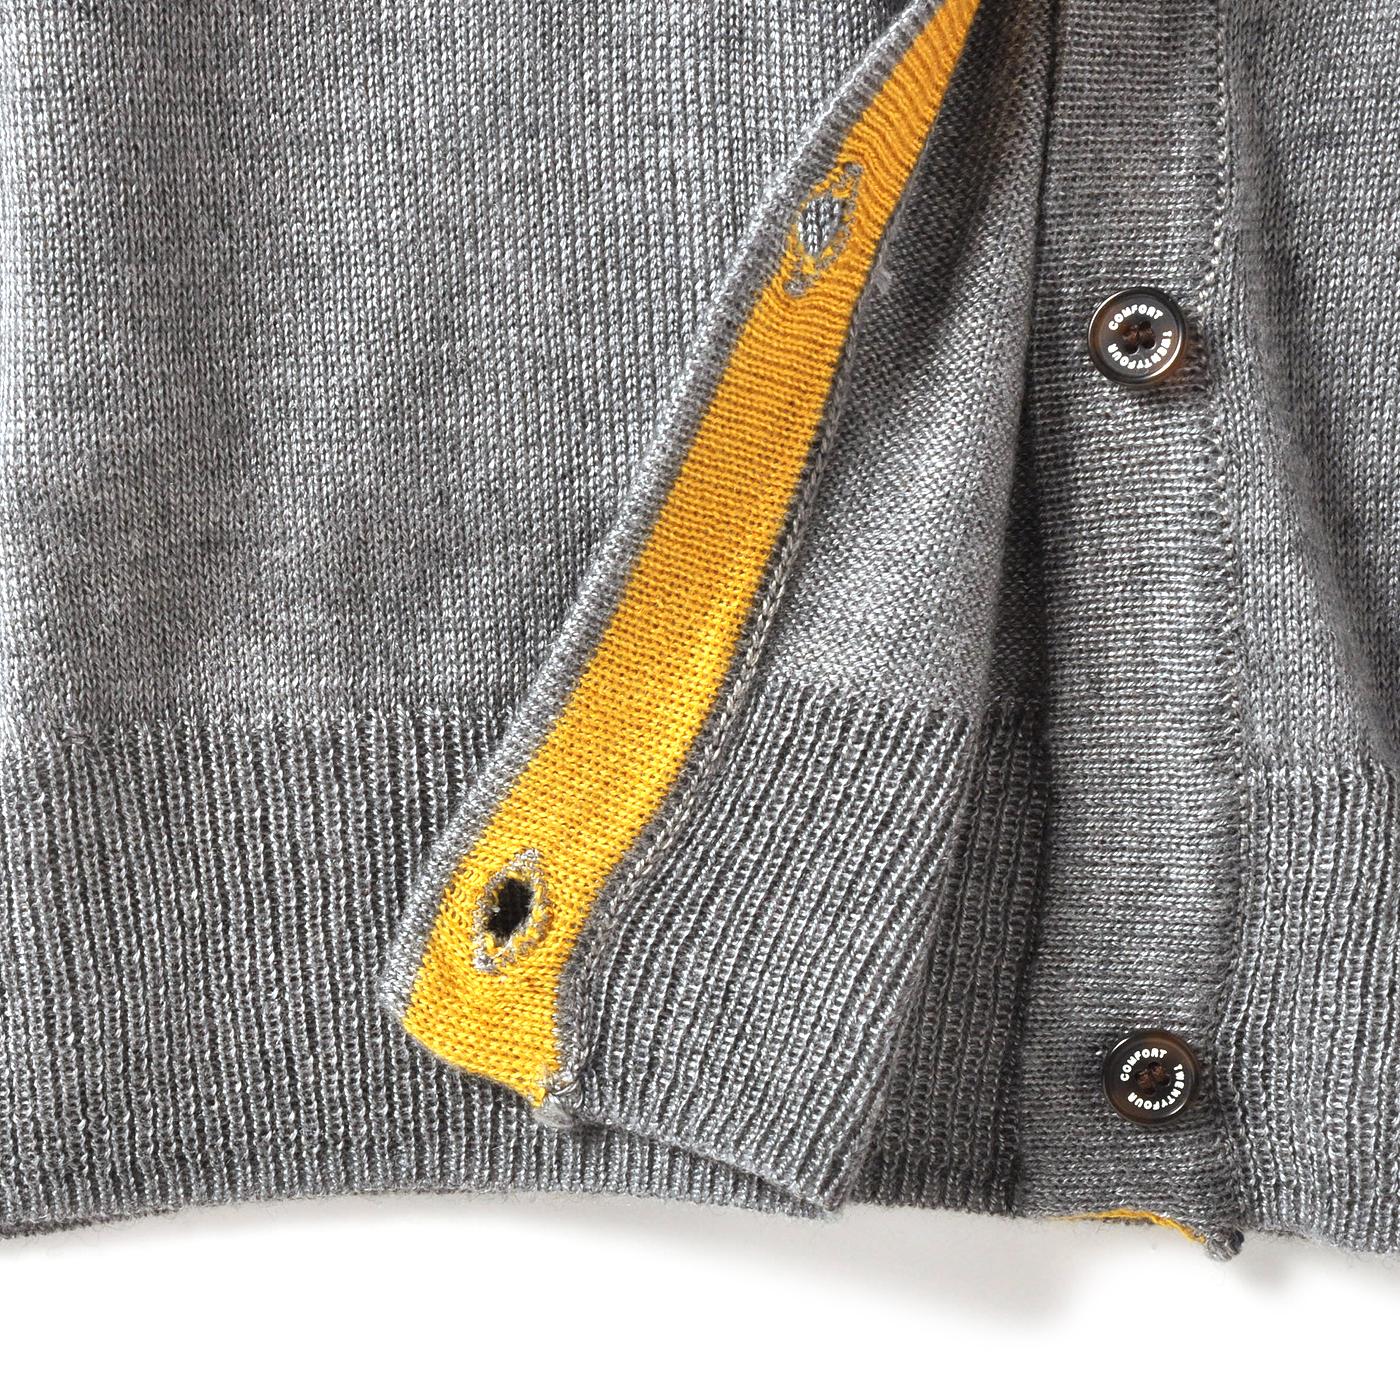 上品な質感の薄手ニットと、オリジナルデザインのボタン。